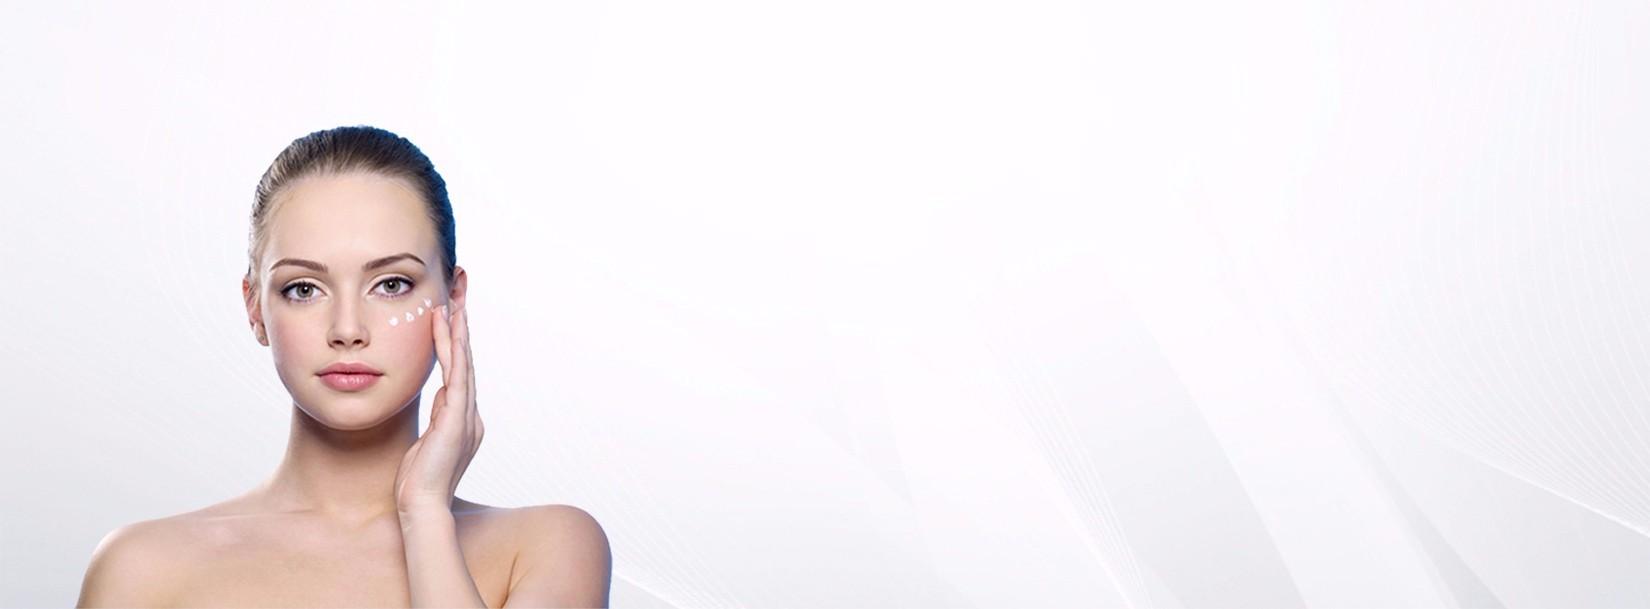 Etudes cliniques cosmétiques